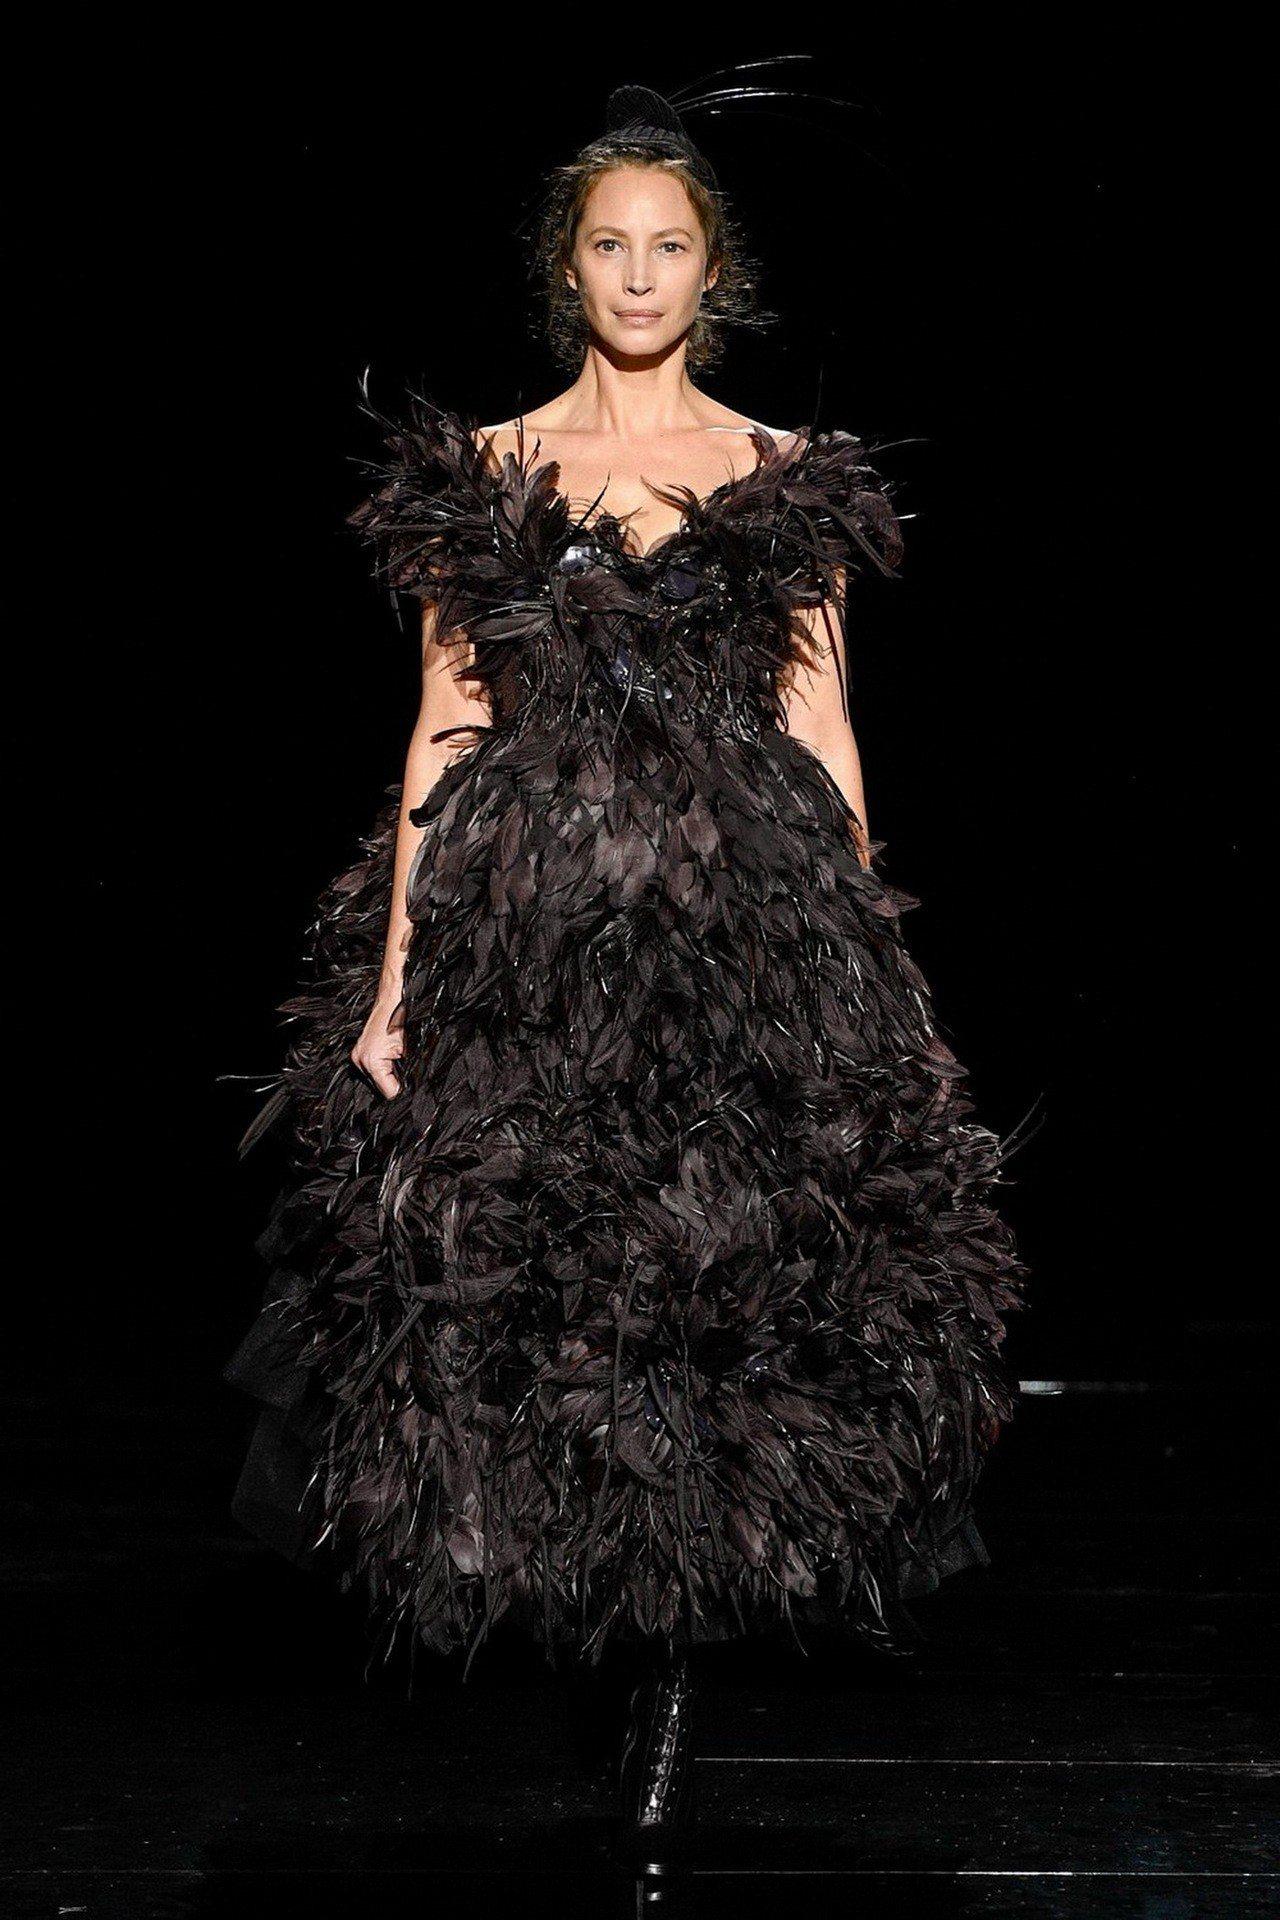 Marc Jacobs壓軸是九○年代超模克里斯蒂.特林頓穿的黑色羽飾露肩晚裝畫下...